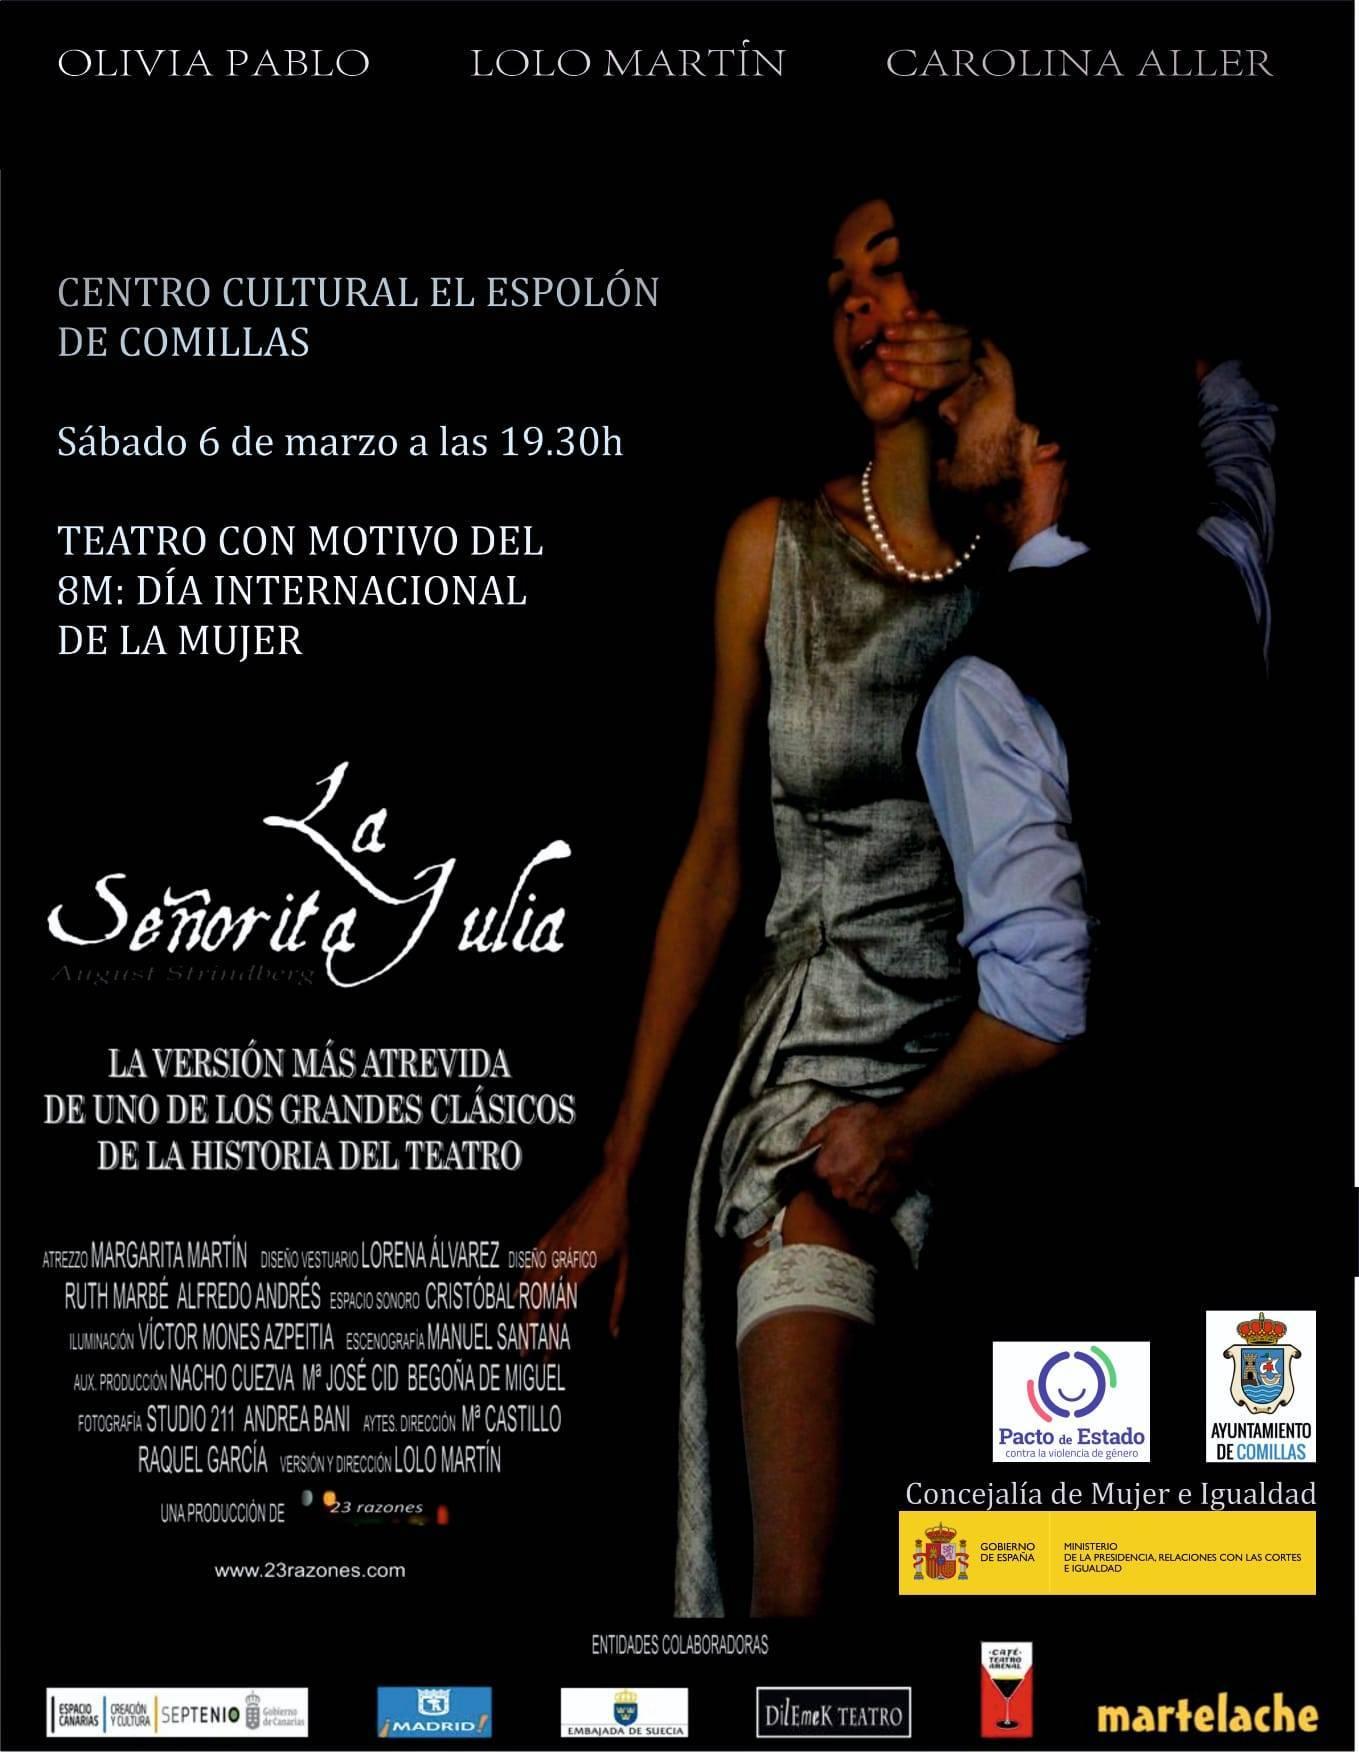 La señorita Julia (2021) - Comillas (Cantabria)